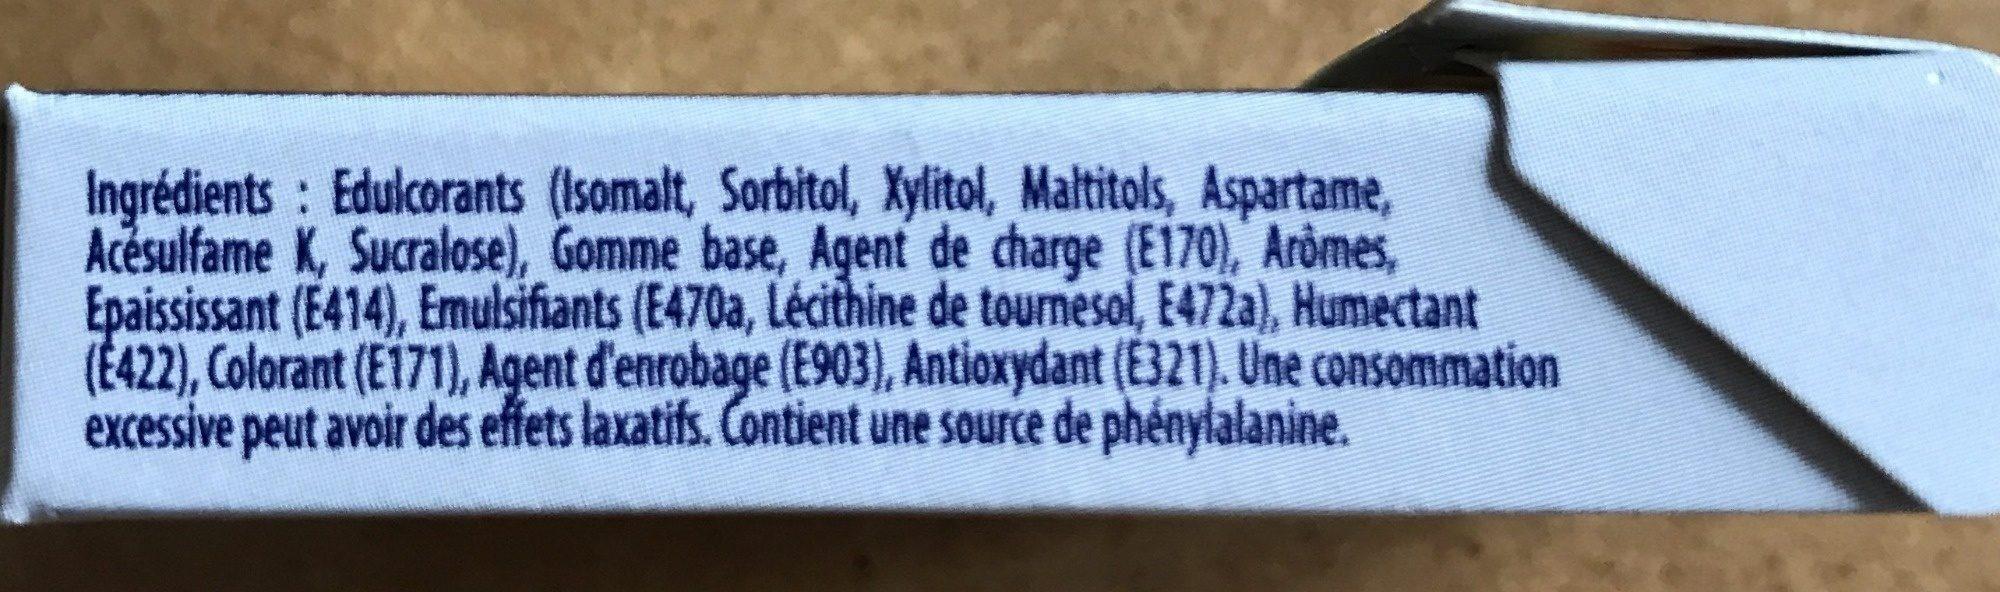 Hollywood Blancheur parfum menthe verte sans sucres - Ingrédients